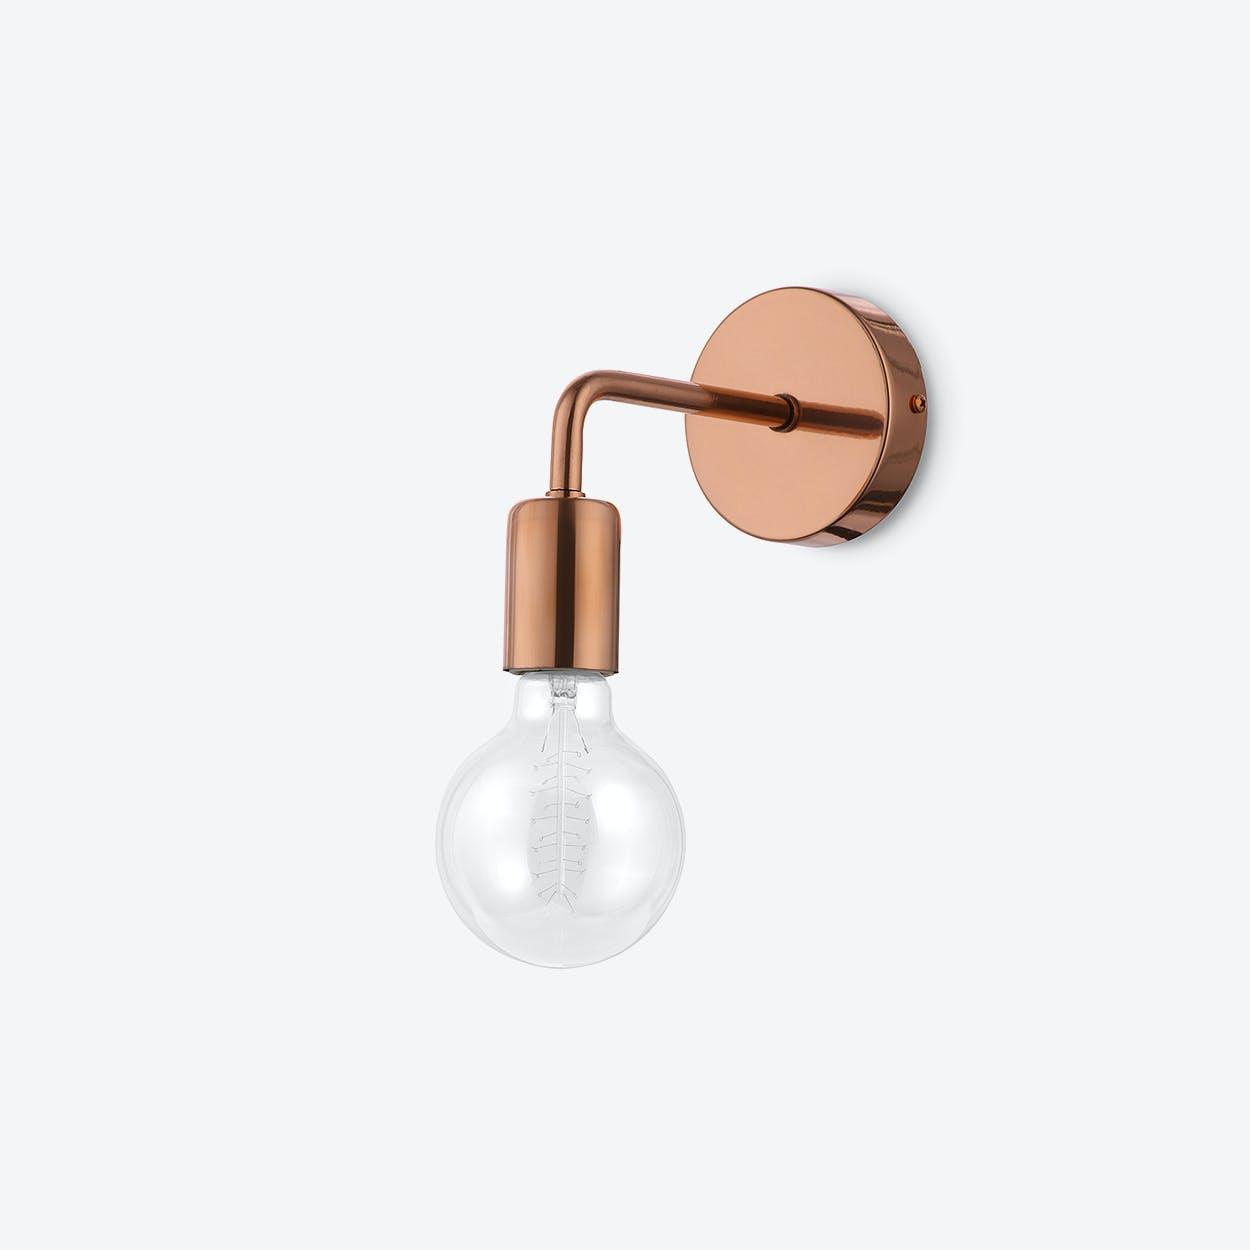 Pot Loft Wall Lamp in Copper